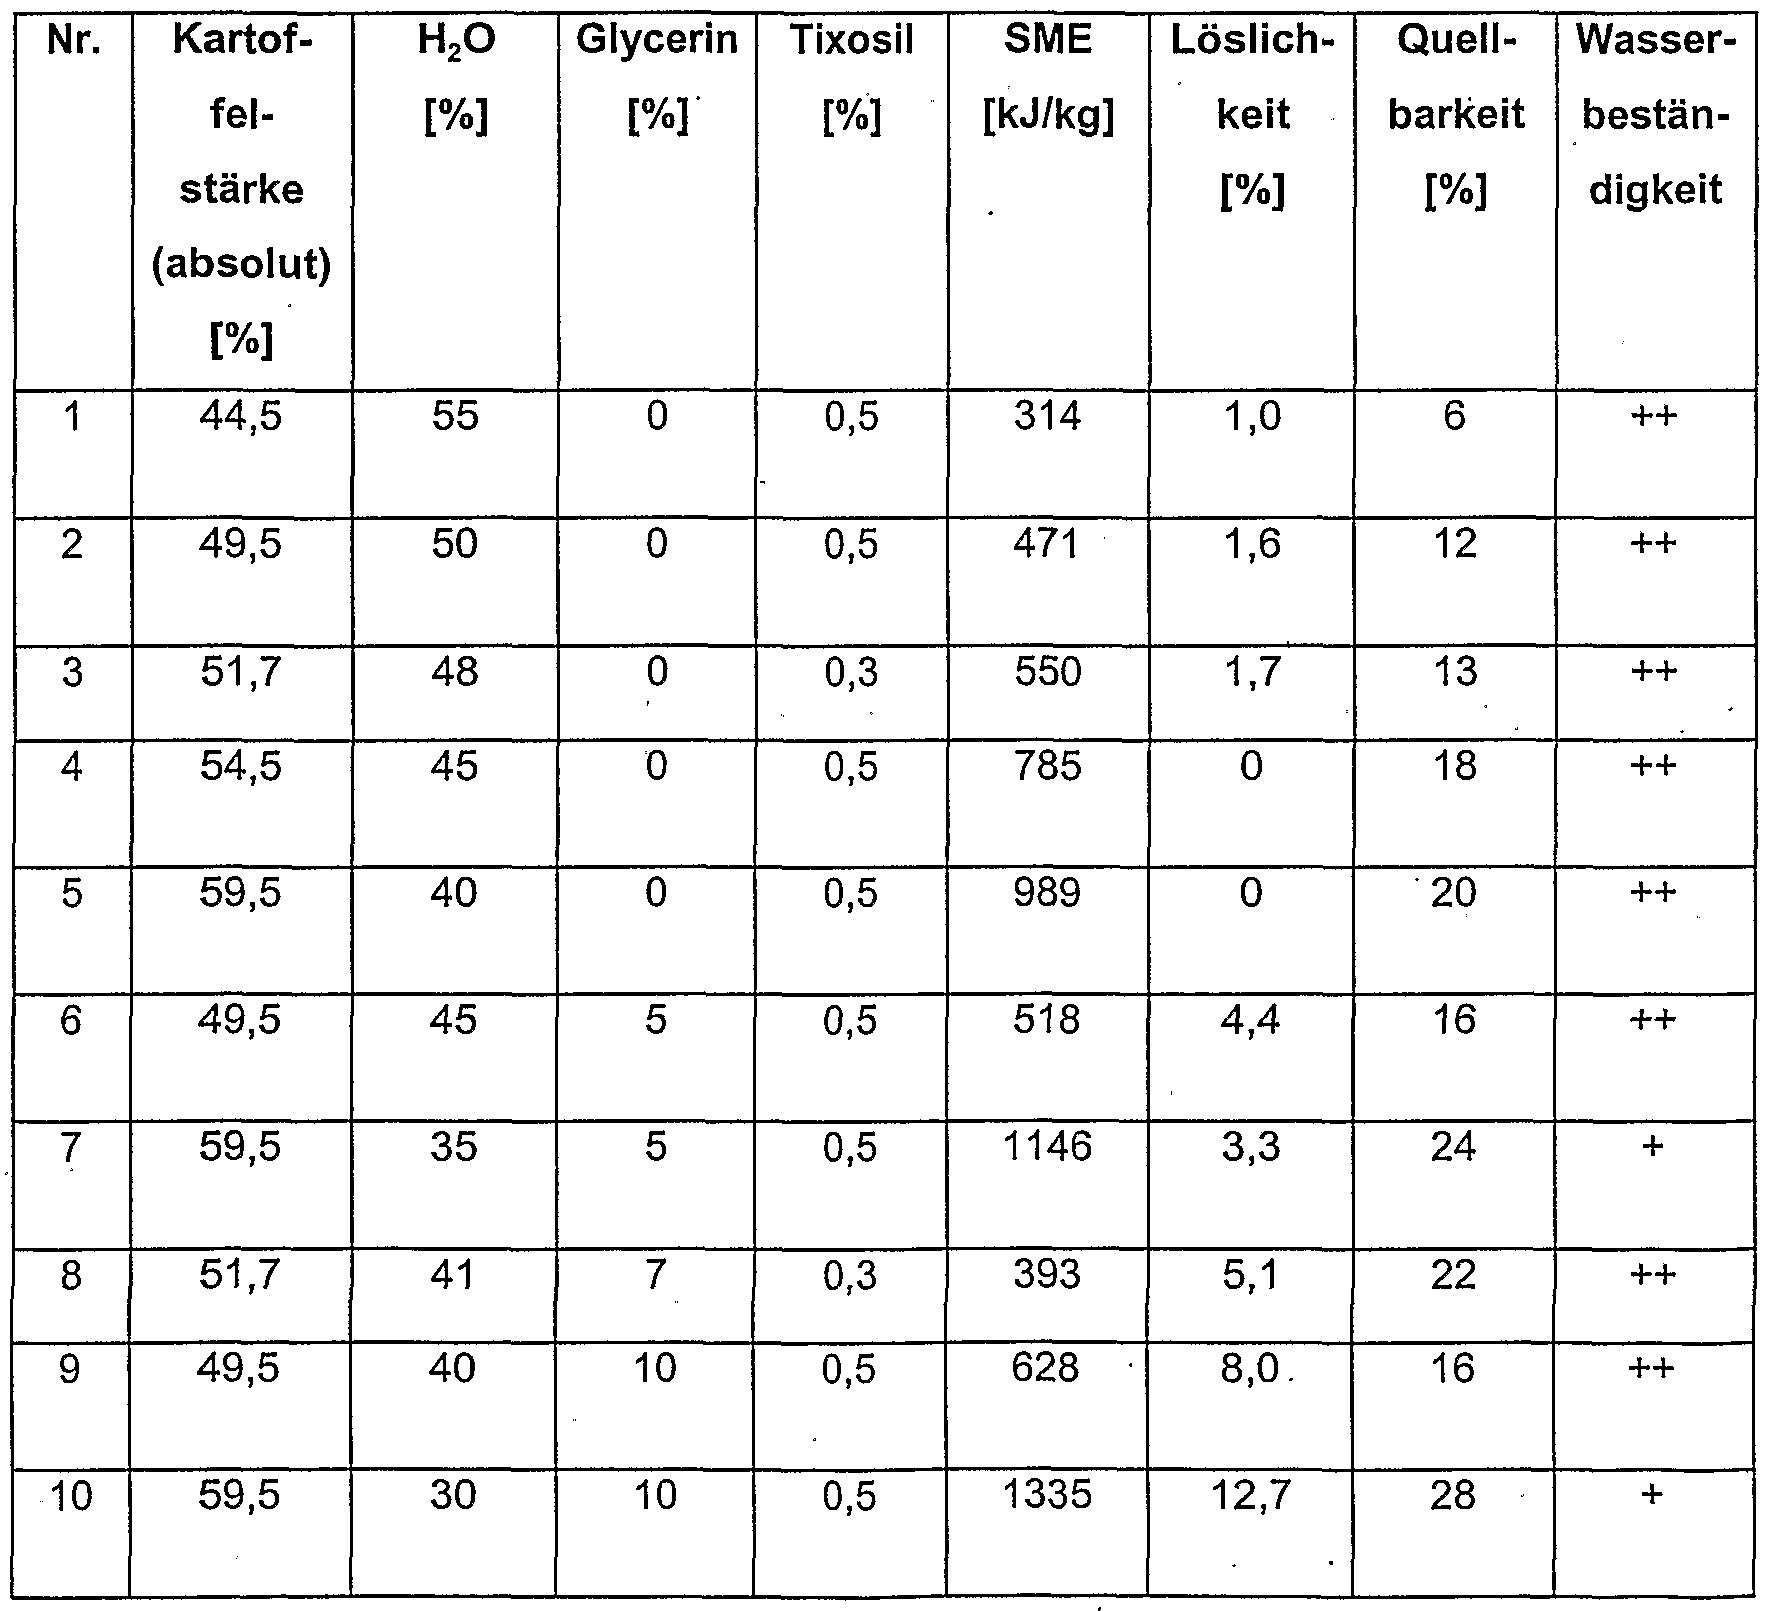 Großartig Löslichkeit Tabelle Galerie - FORTSETZUNG ARBEITSBLATT ...